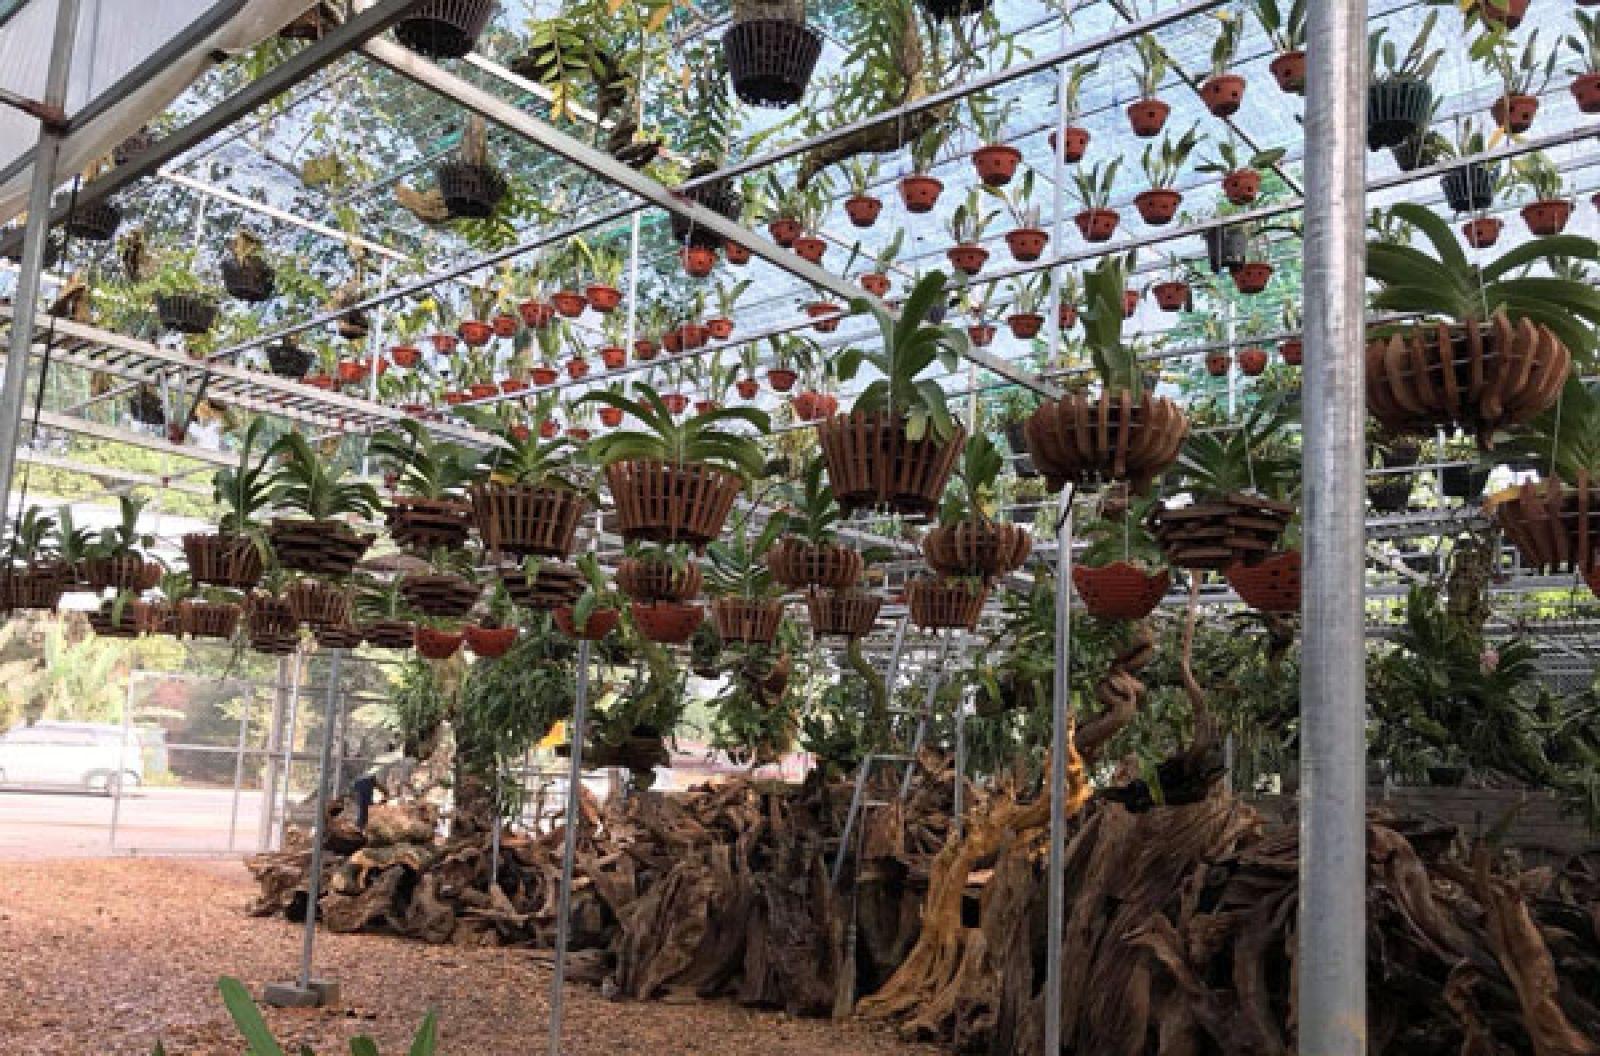 Ngoài lan rừng thì vườn nhà anh Thắng còn có thêm cả lan công nghiệp để phục vụ nhu cầu của người chơi lan.